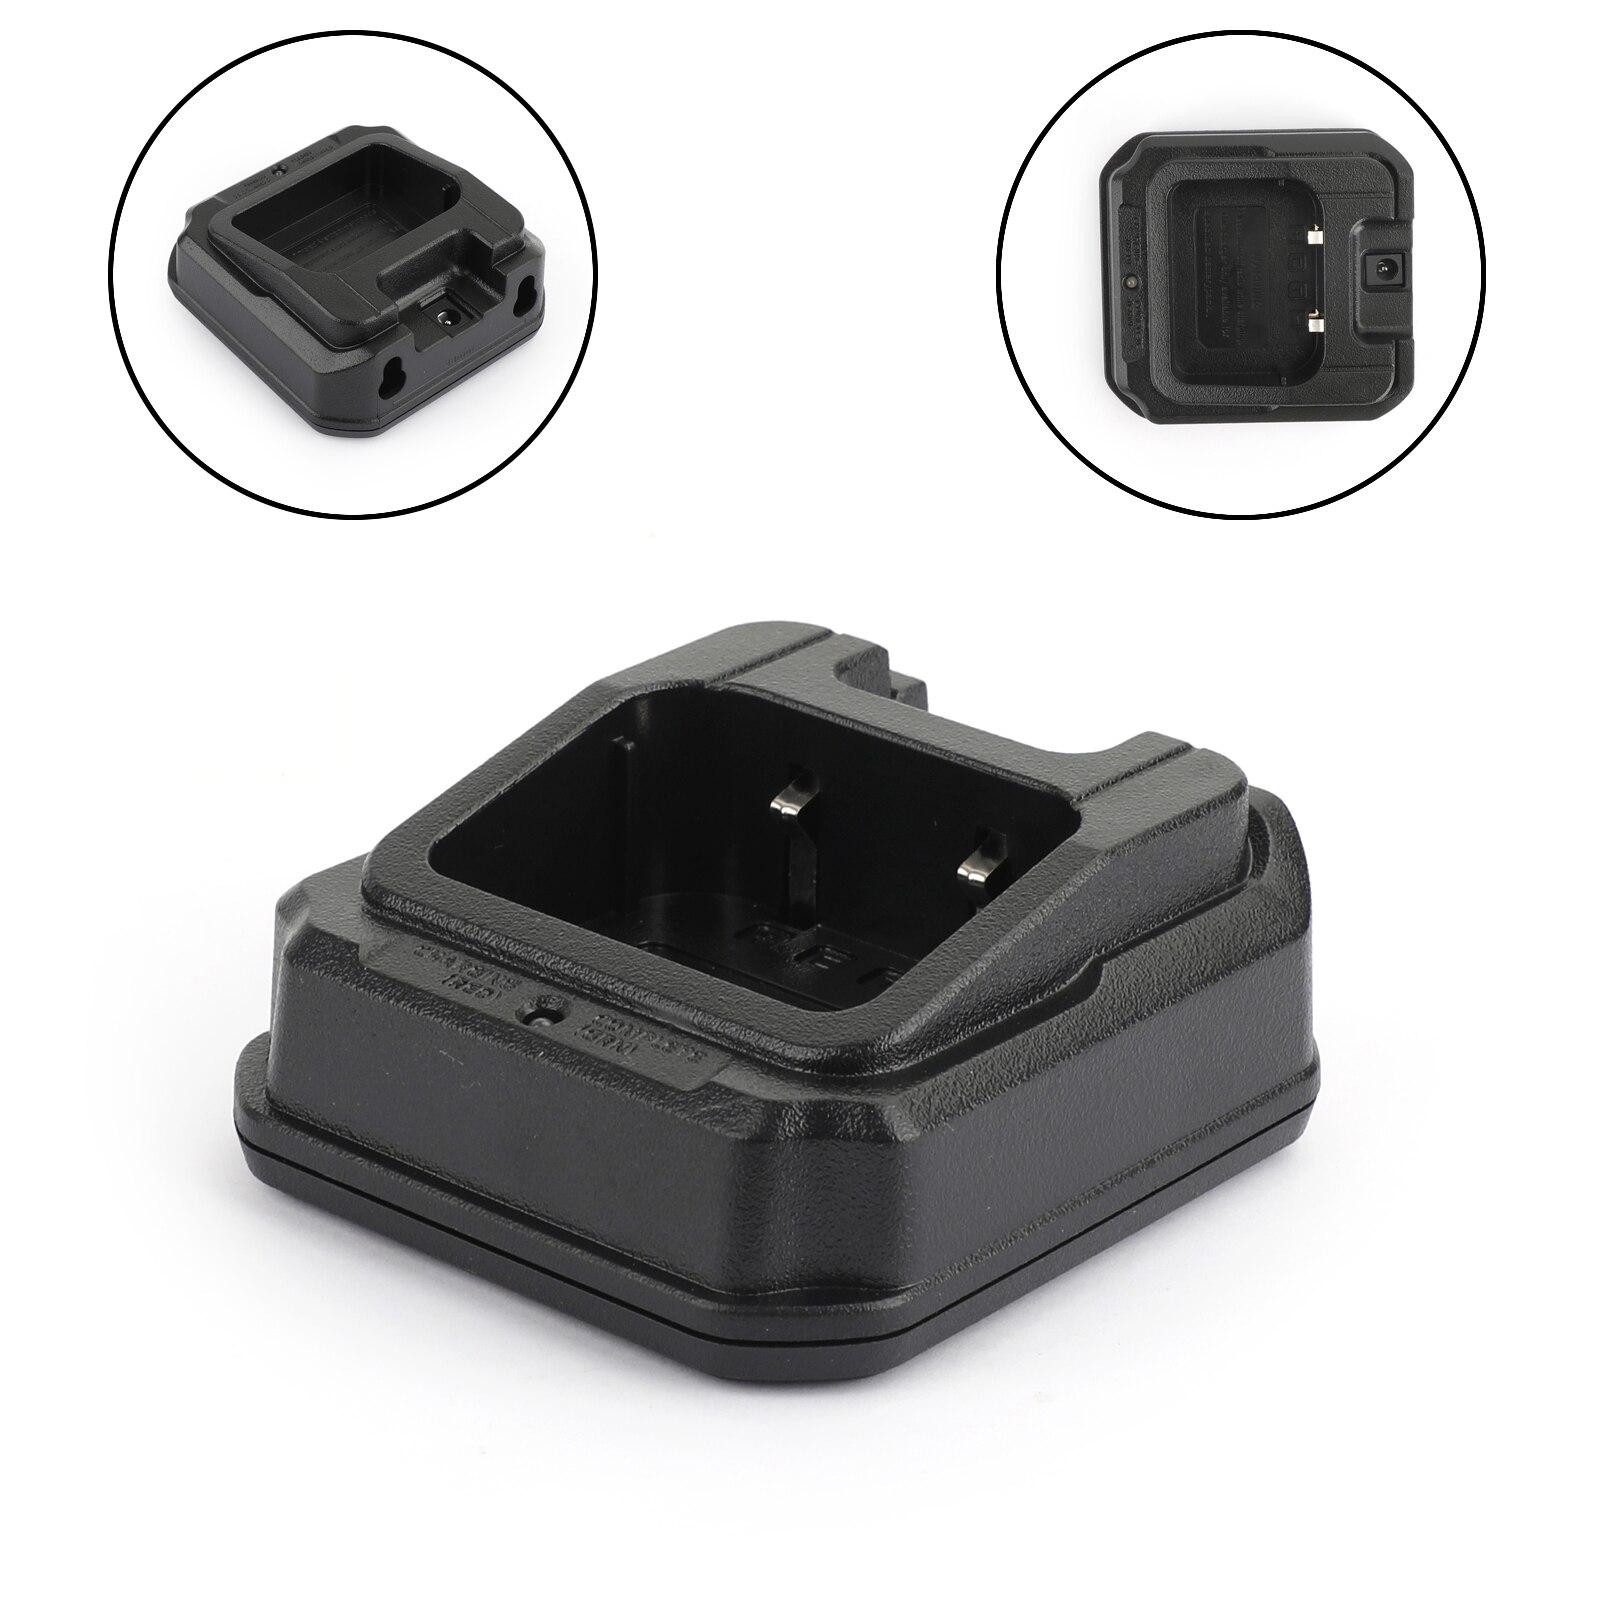 Artudatech 1PC Ladegerät Batterie Desktop Ladegerät Sockel Für Baofeng A58 S56 CHR9700 9RPLUS Walkie Talkie